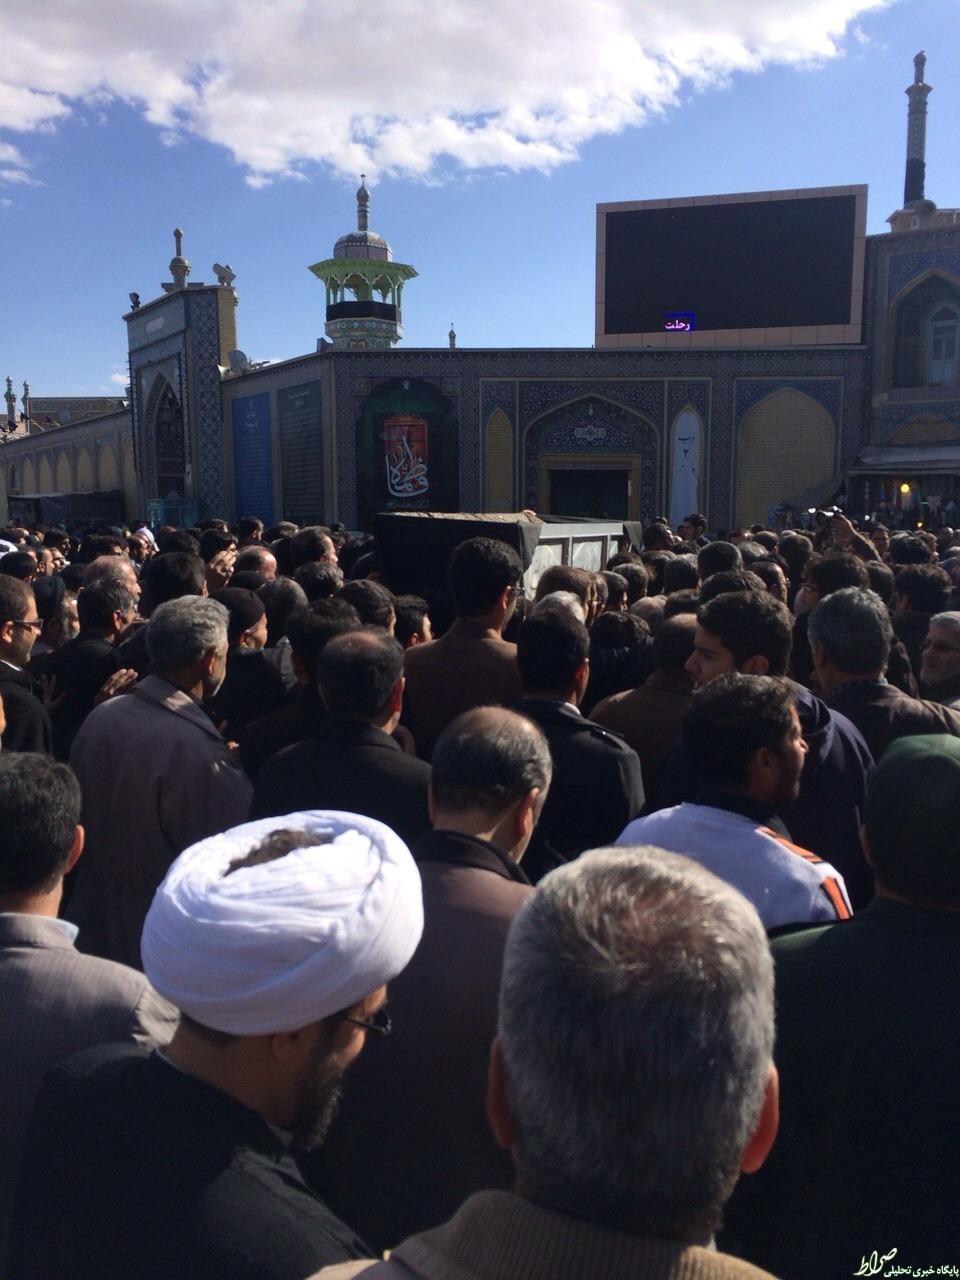 تصاویر/ تشییع پیکر همشیره رهبر انقلاب در مقابل حرم حضرت معصومه(س)